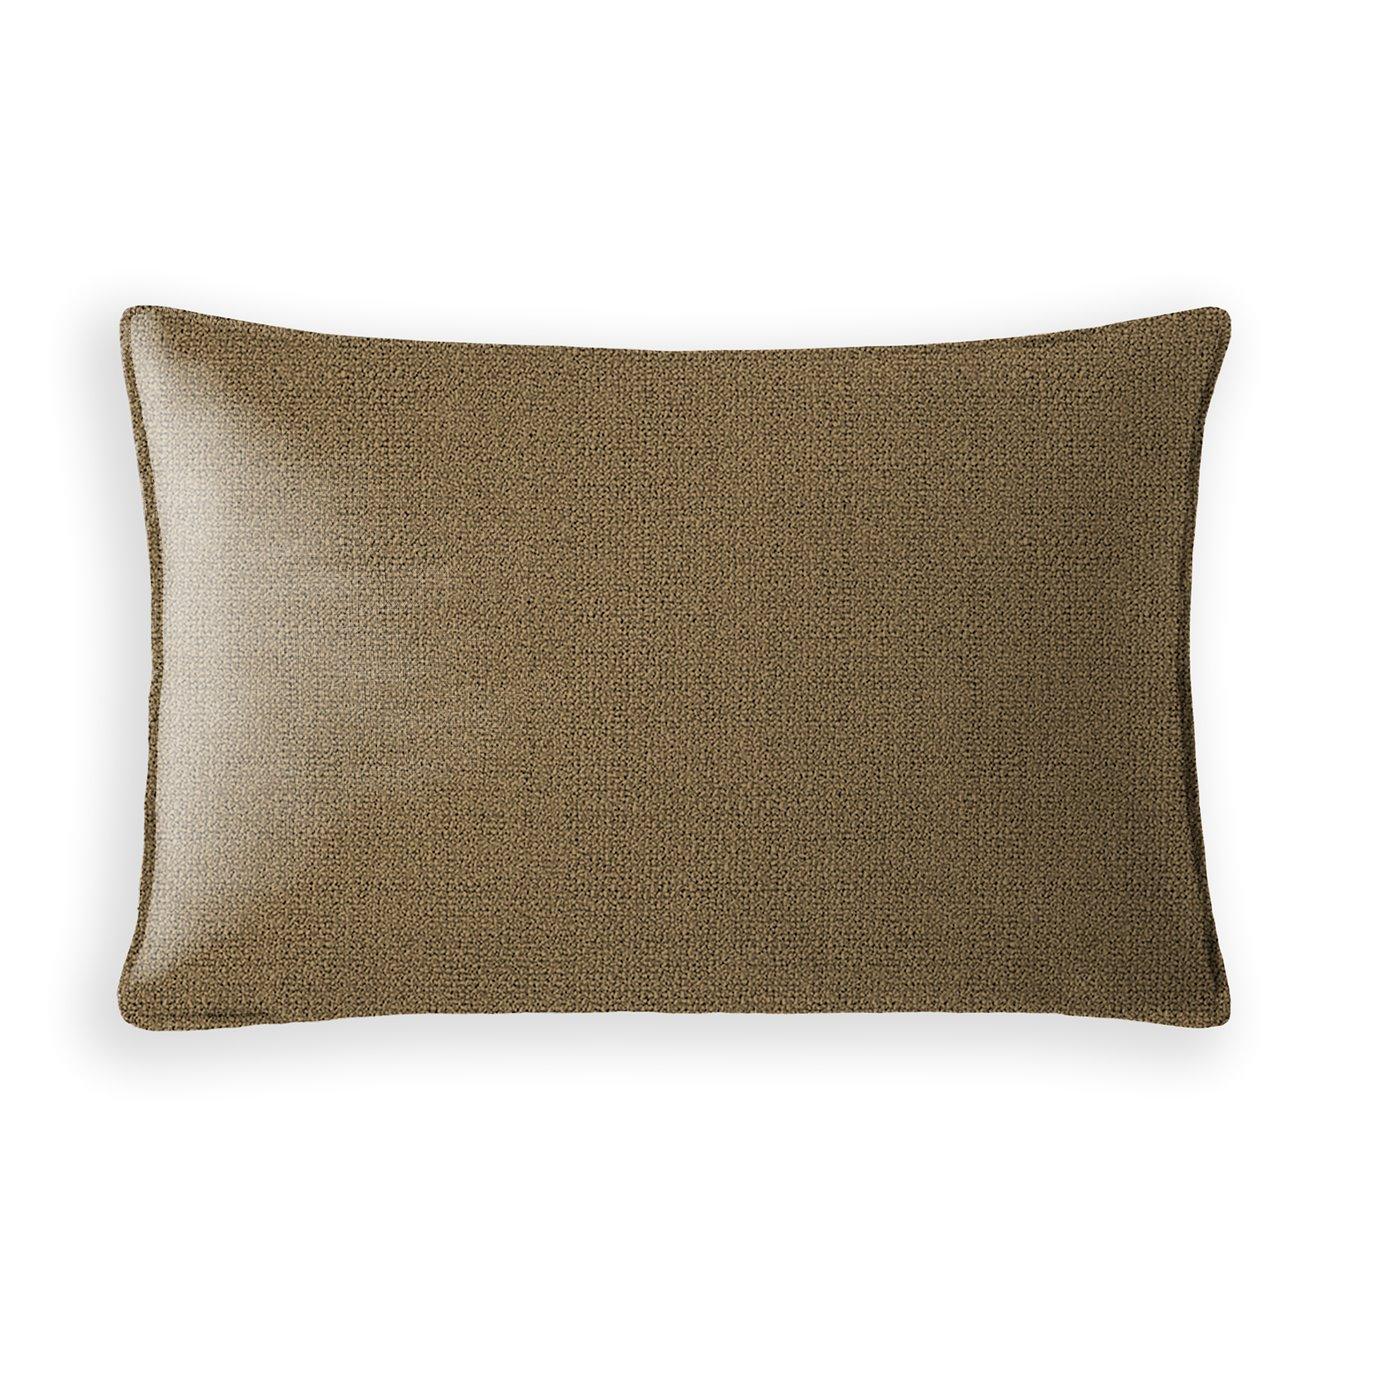 Willowbrook Decorative Cushion - Long Rectangle